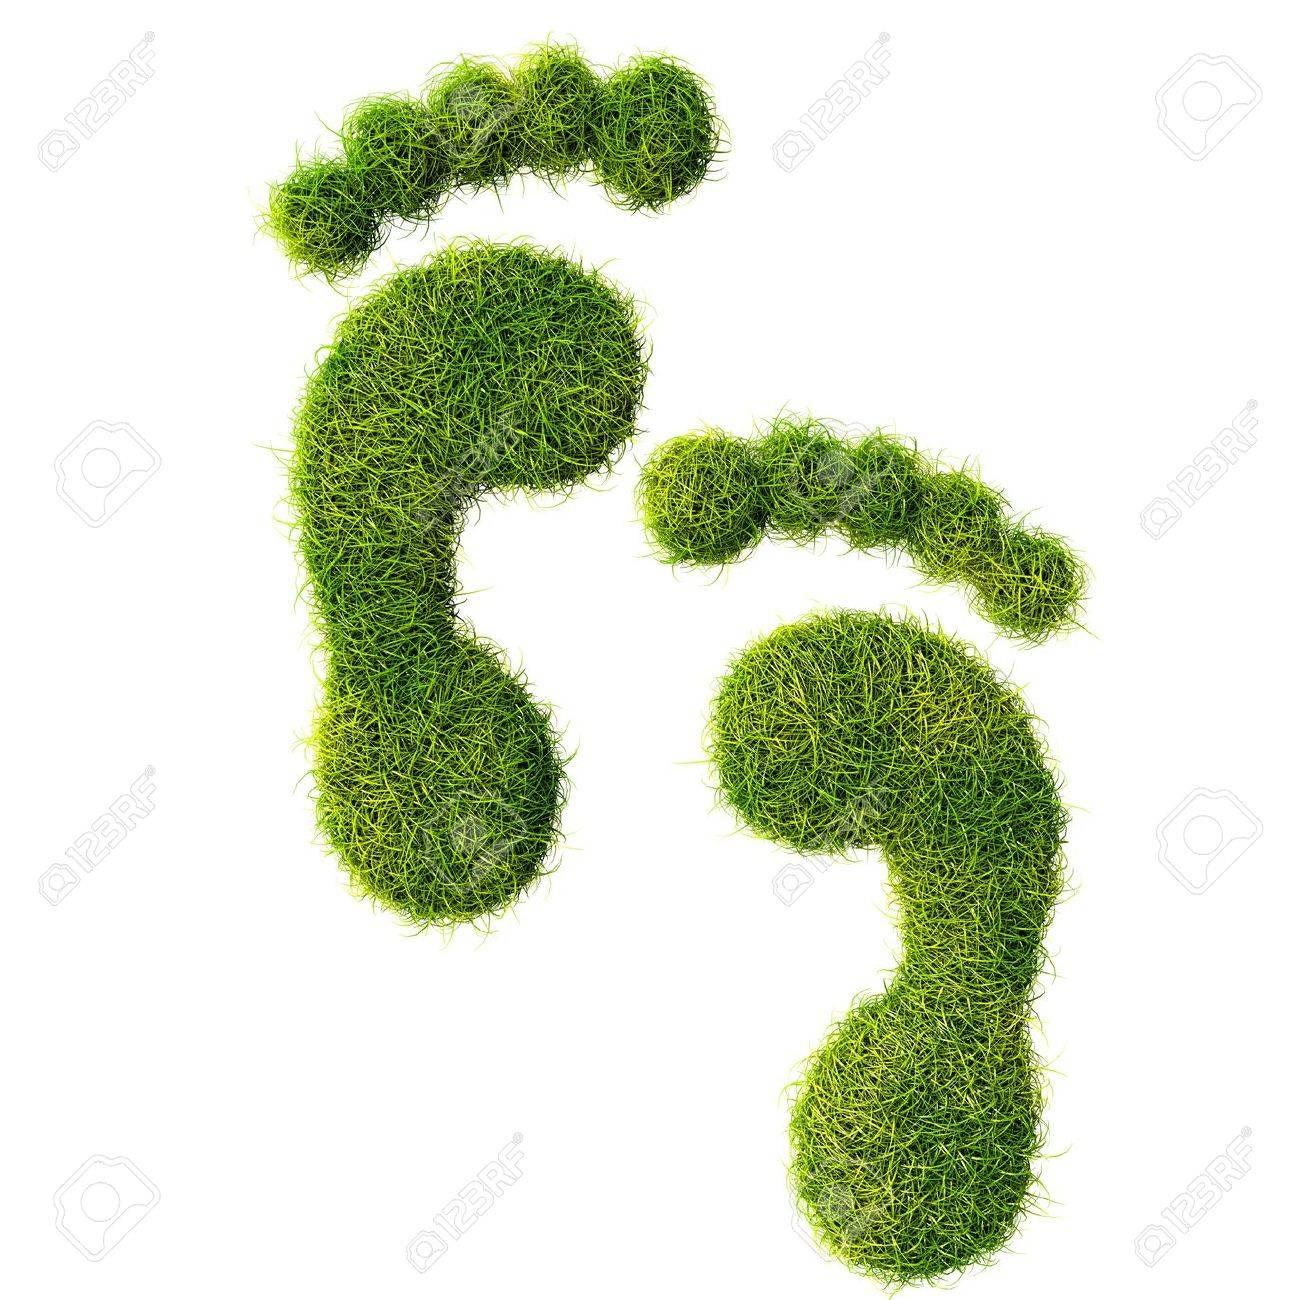 Ecological footprint concept illustration - 20324994